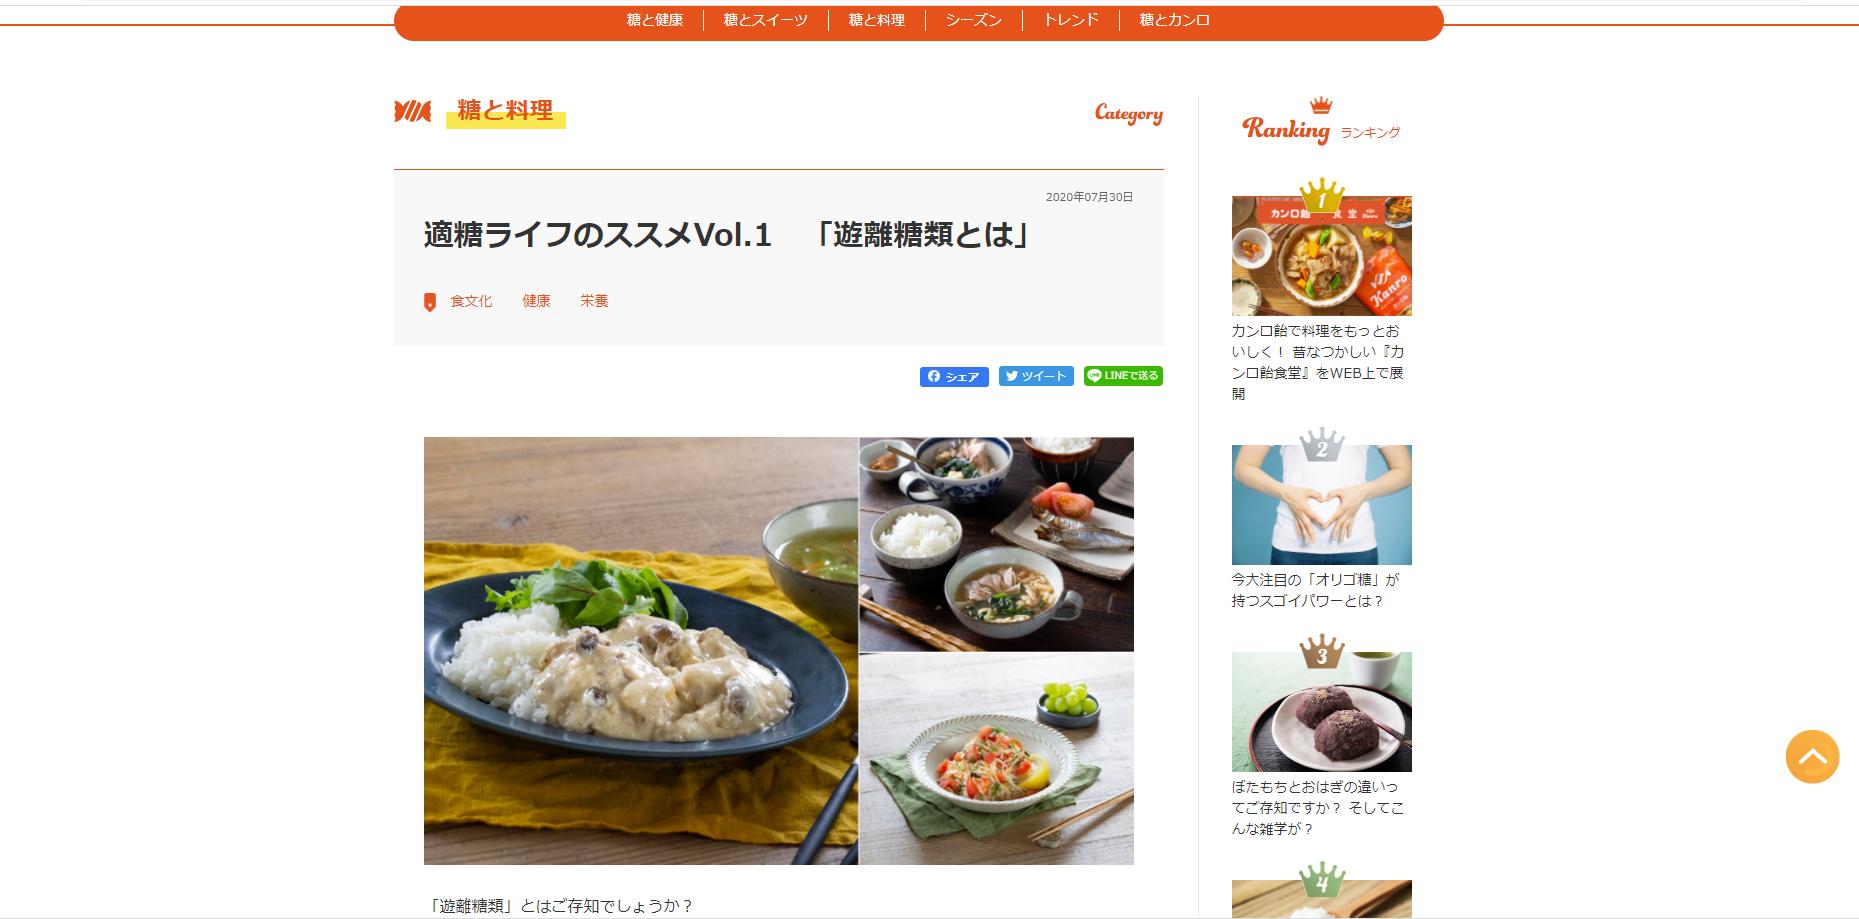 【コラム掲載】「レンチン味噌汁」カンロ株式会社様「適糖ライフのススメ」